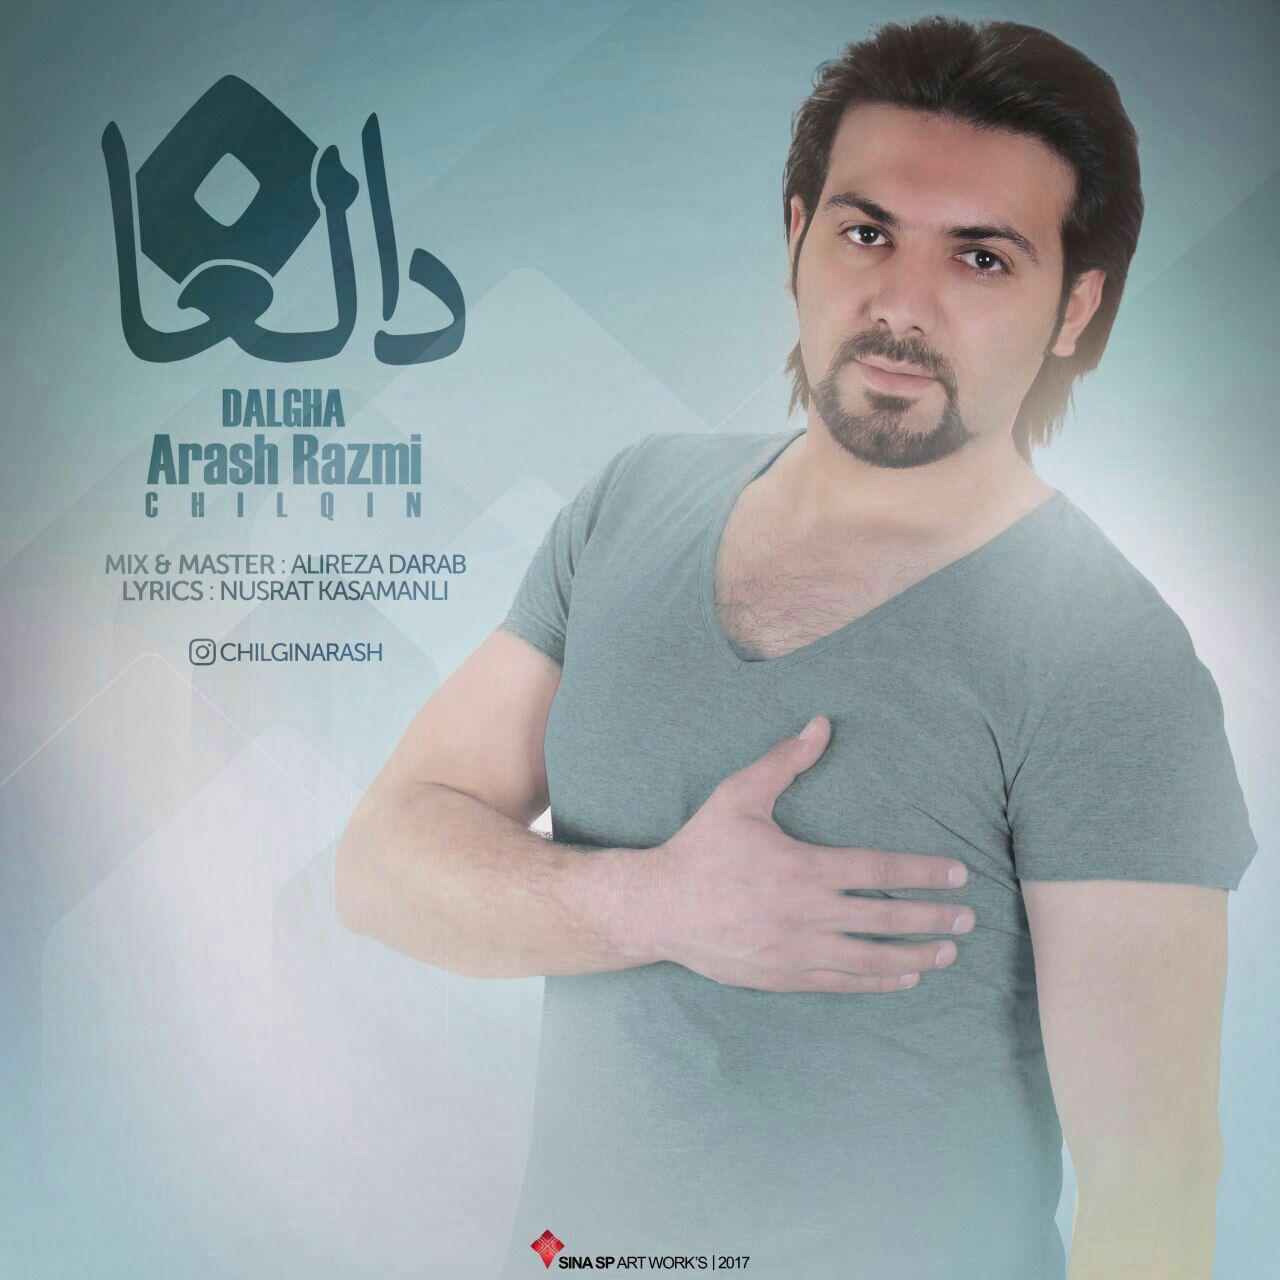 http://s9.picofile.com/file/8300827292/092Arash_Razmi_Dalgha.jpg